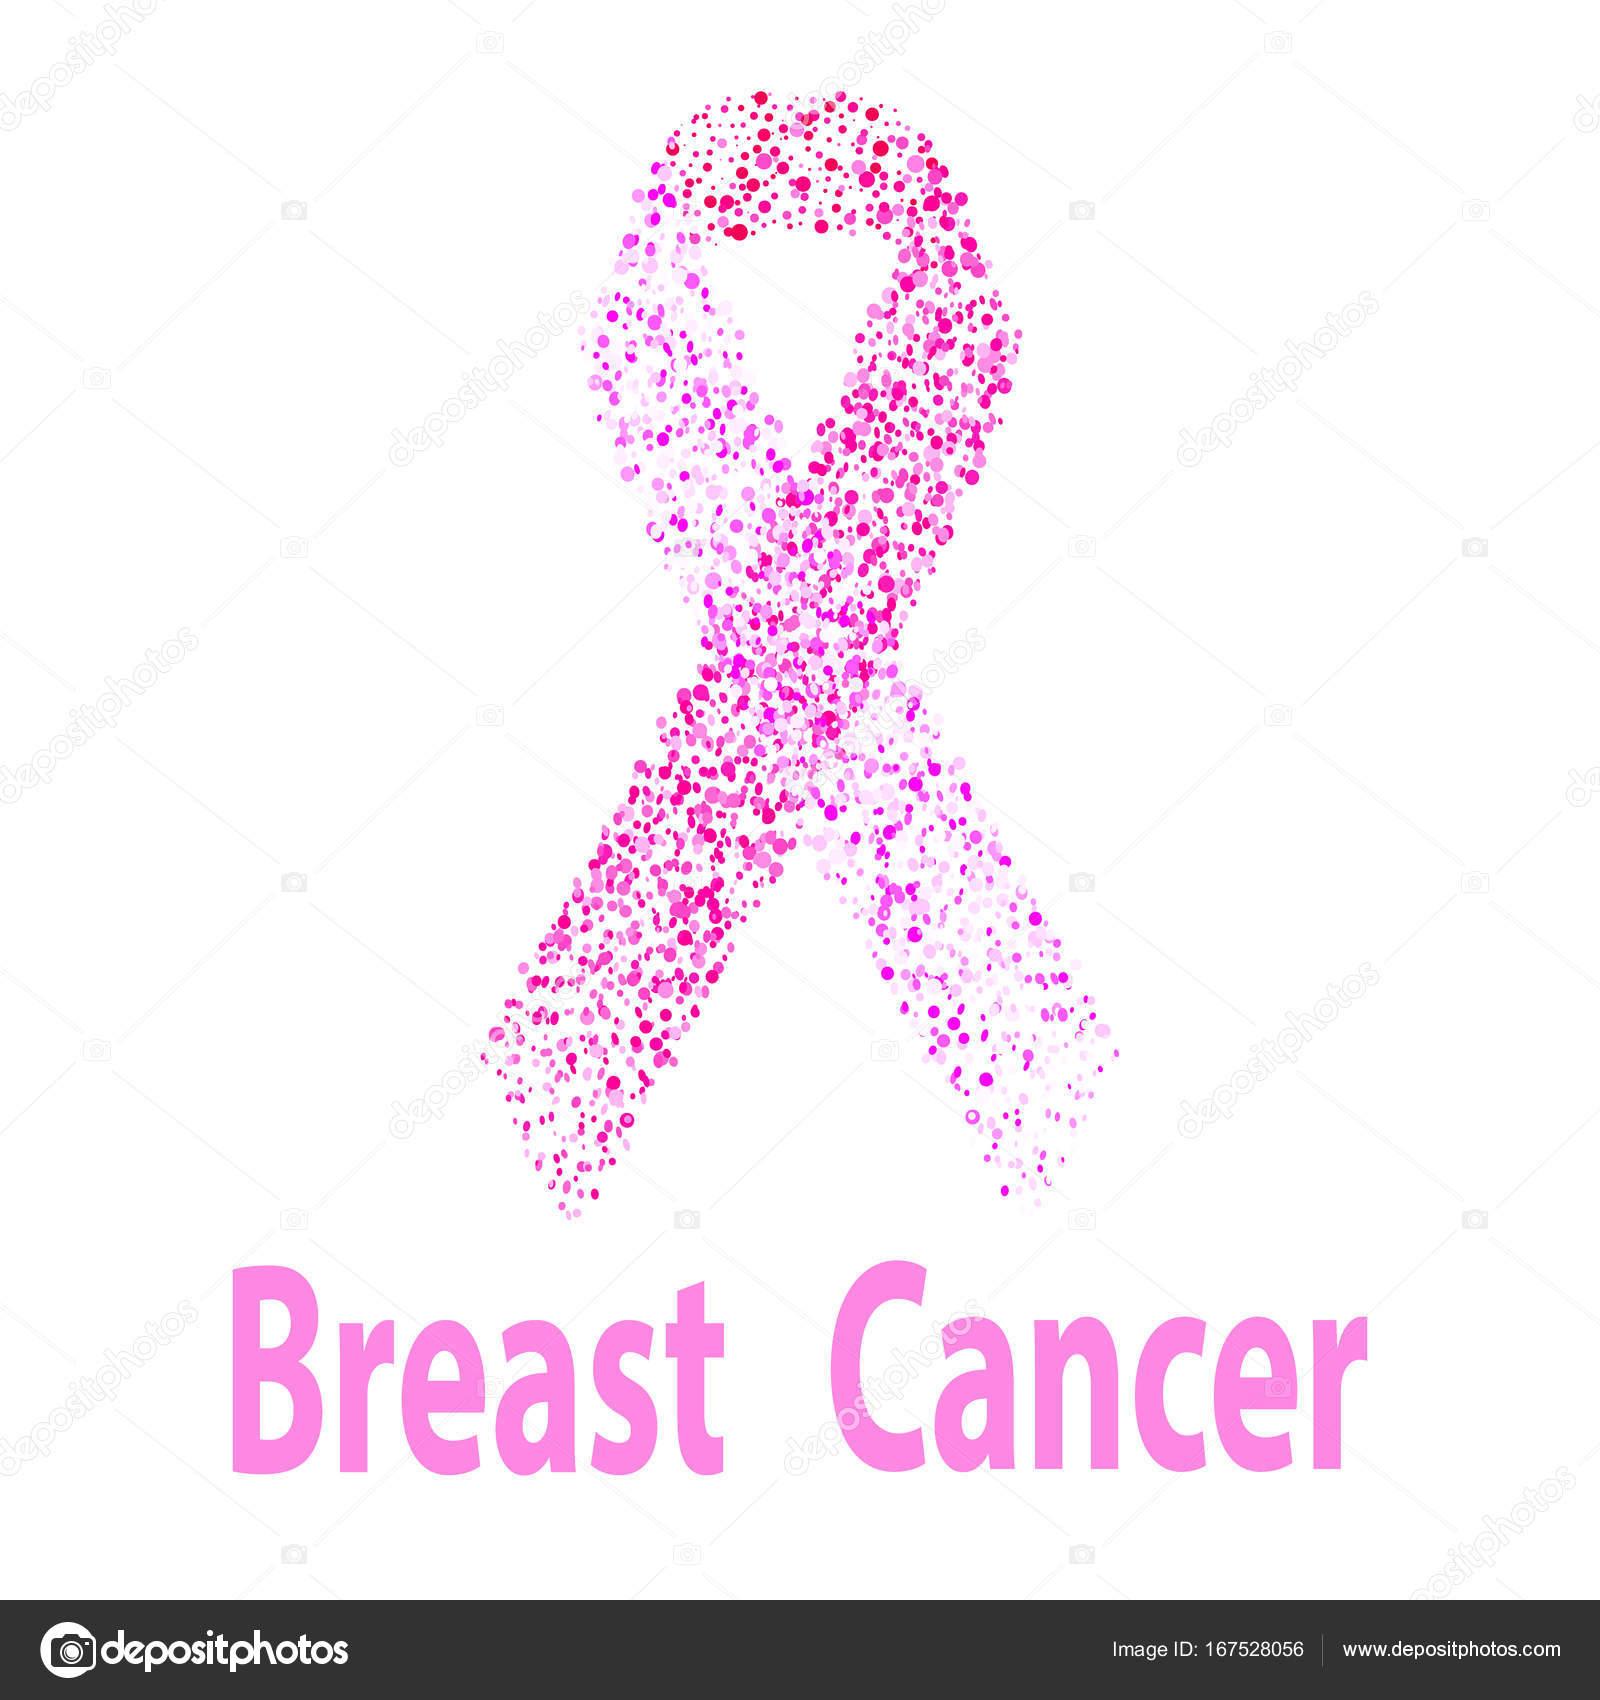 Imagenes Lazos Rosas Cancer.Lazos Rosas Contra El Cancer Para Descargar Cinta De Color